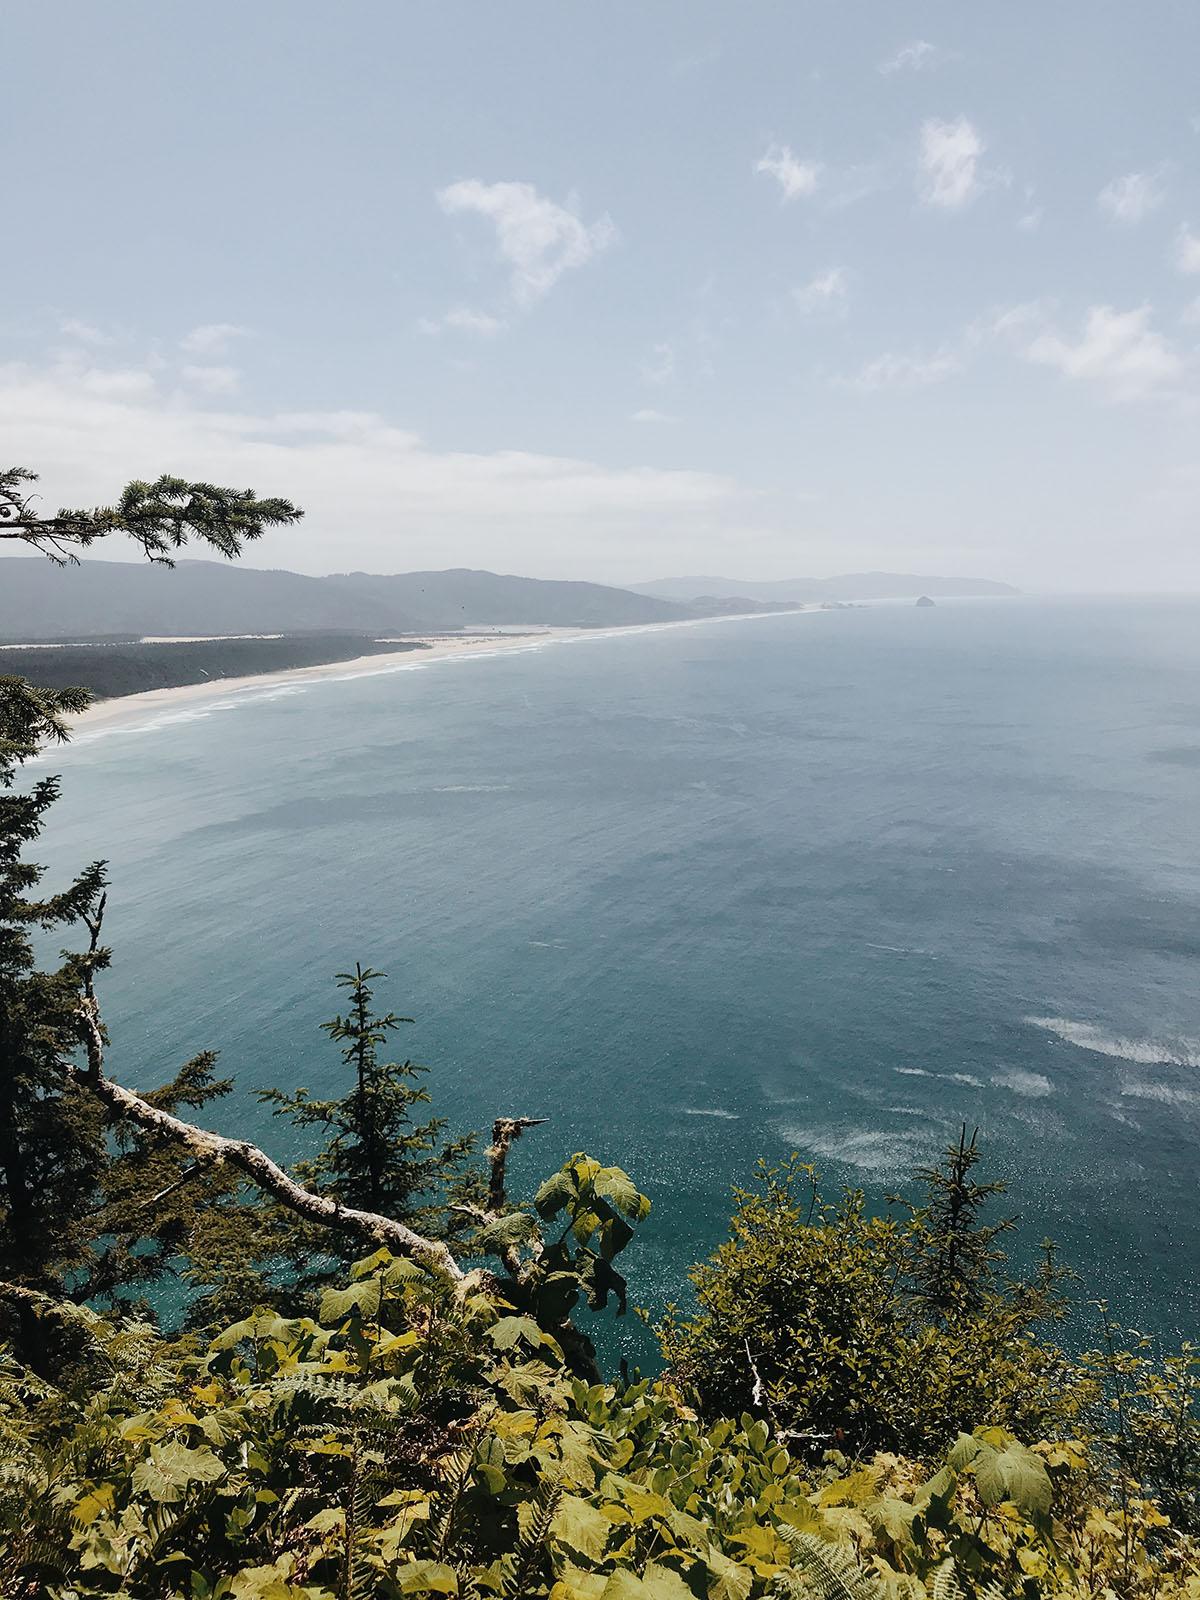 randonnée sur la côte de l'Oregon